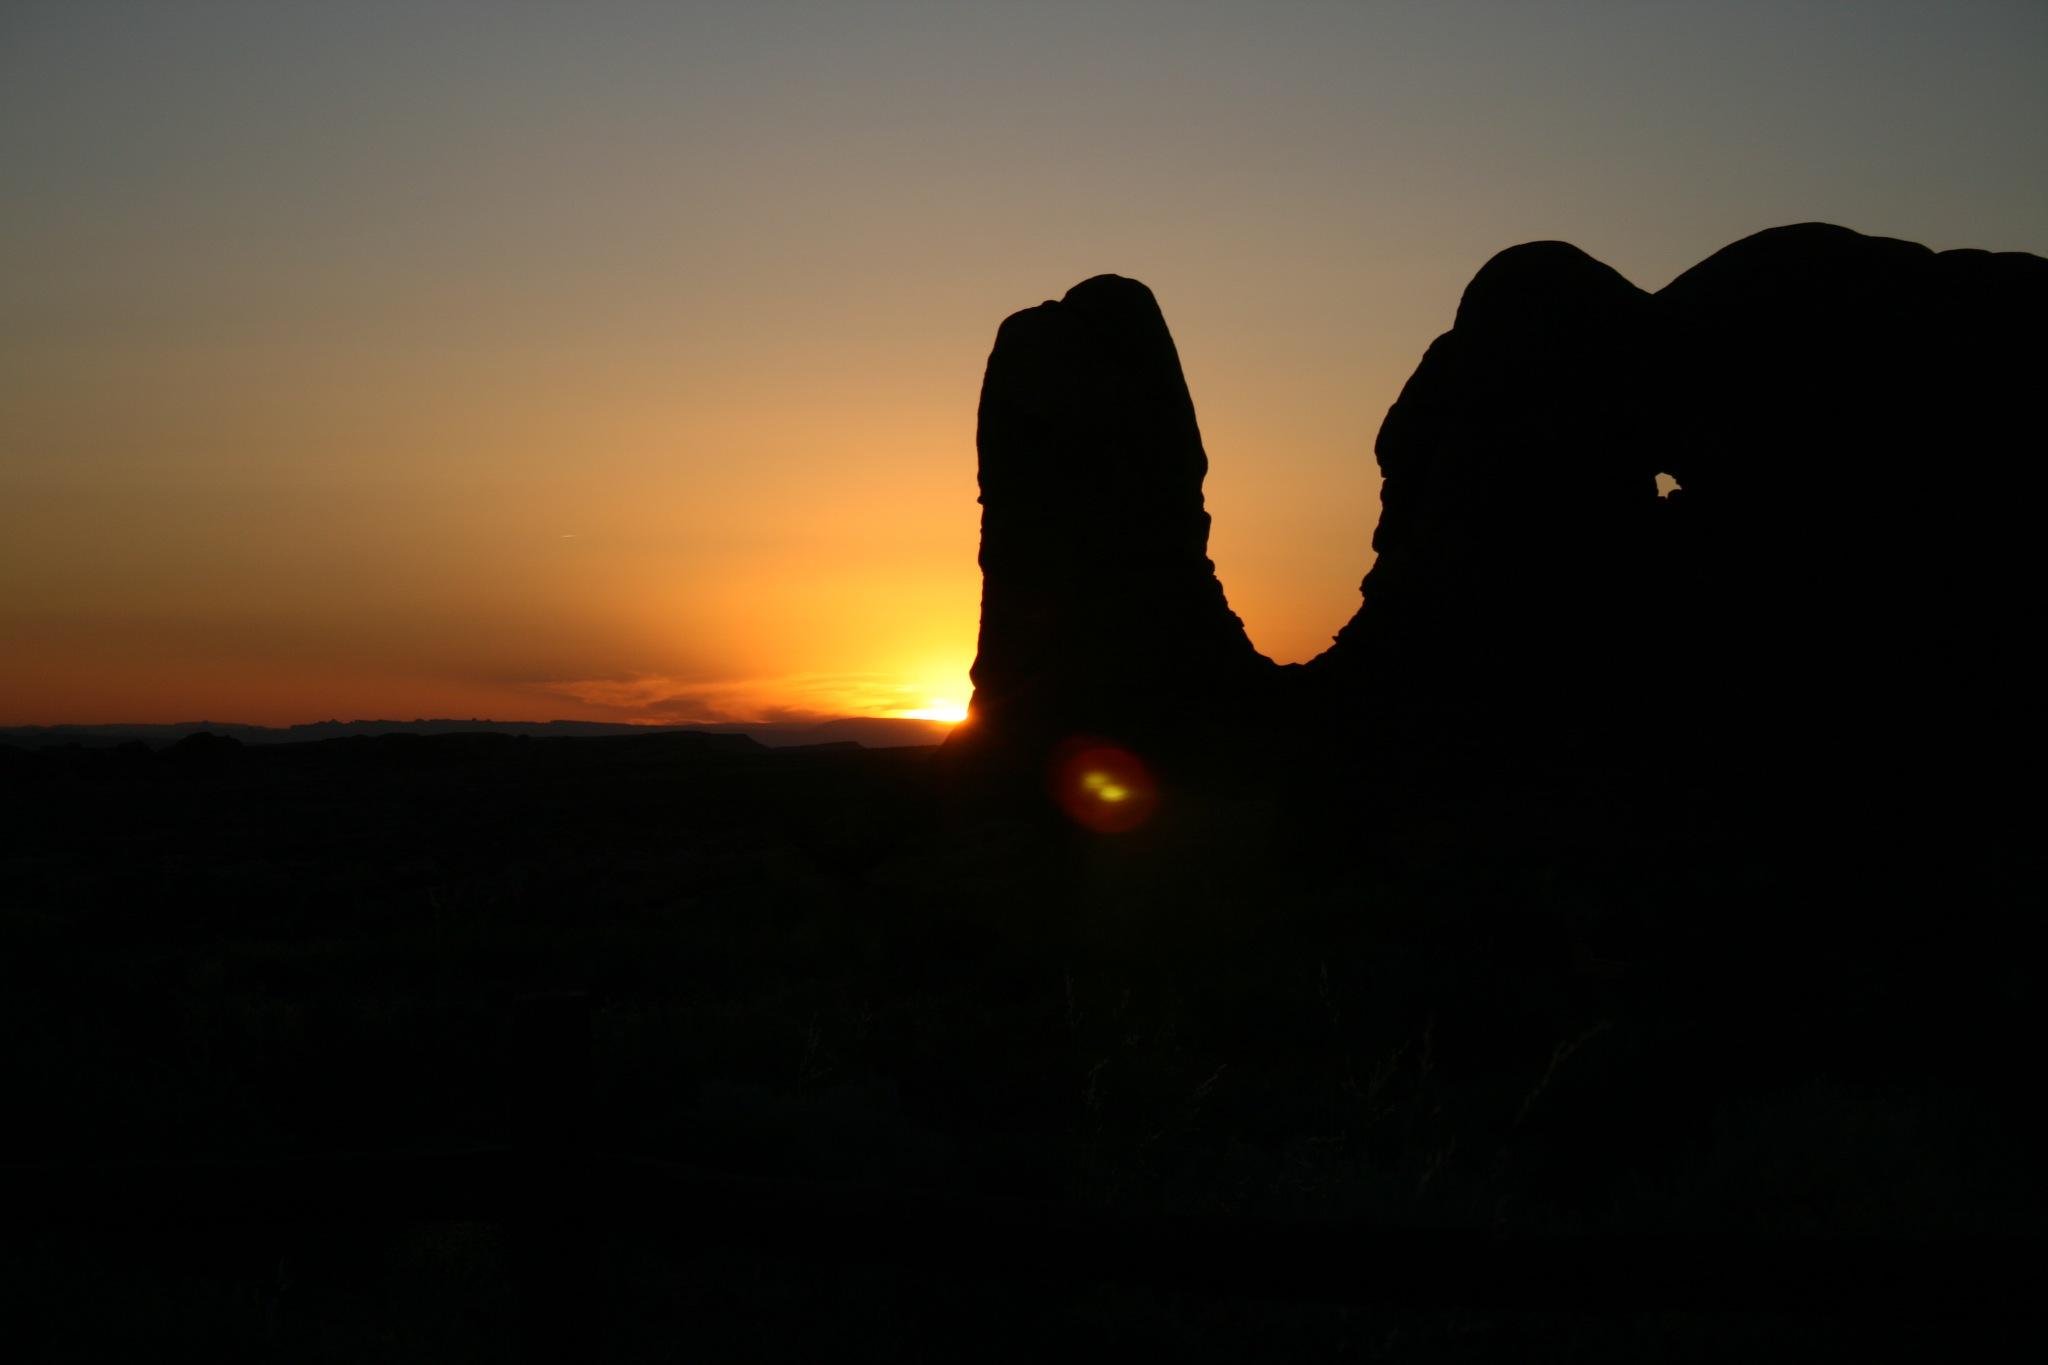 Utah Sunset by daniel.luna.77920